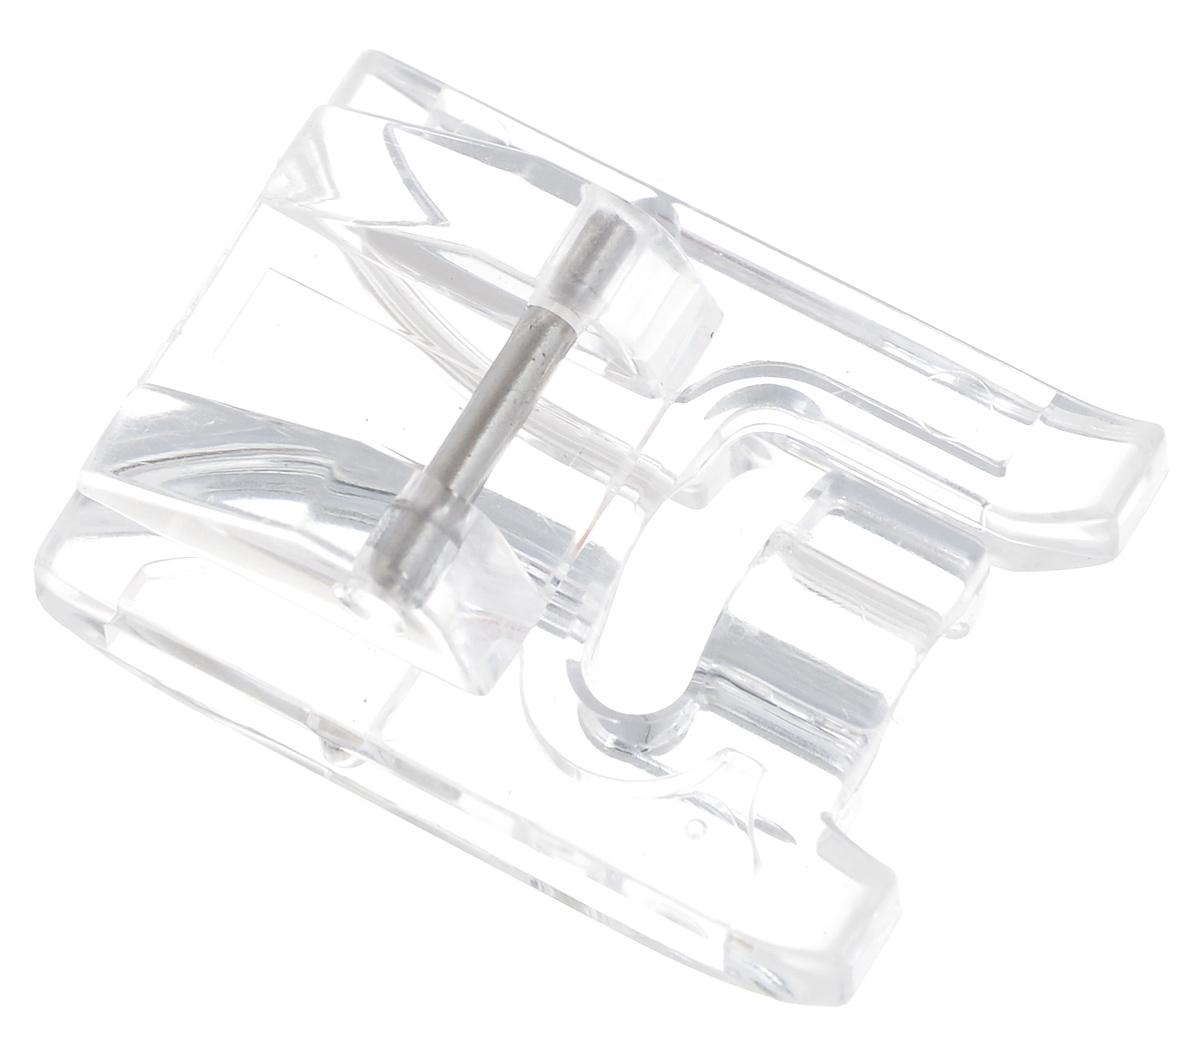 Лапка для швейной машины Aurora, для пришивания бисераAU-130Лапка для швейной машины Aurora предназначена для пришивания бисера и пайеток. Наличие углубления в лапке позволяет бусинам легко проскальзывать под лапкой в процессе пришивания. Применяется также для пришивания тесьмы с бисером, блестками, плетеных шнуров. Диаметр бусин, шнура, блесток должен быть не более 4 мм. Подходит для большинства современных бытовых швейных машин. Инструкция по использованию прилагается.